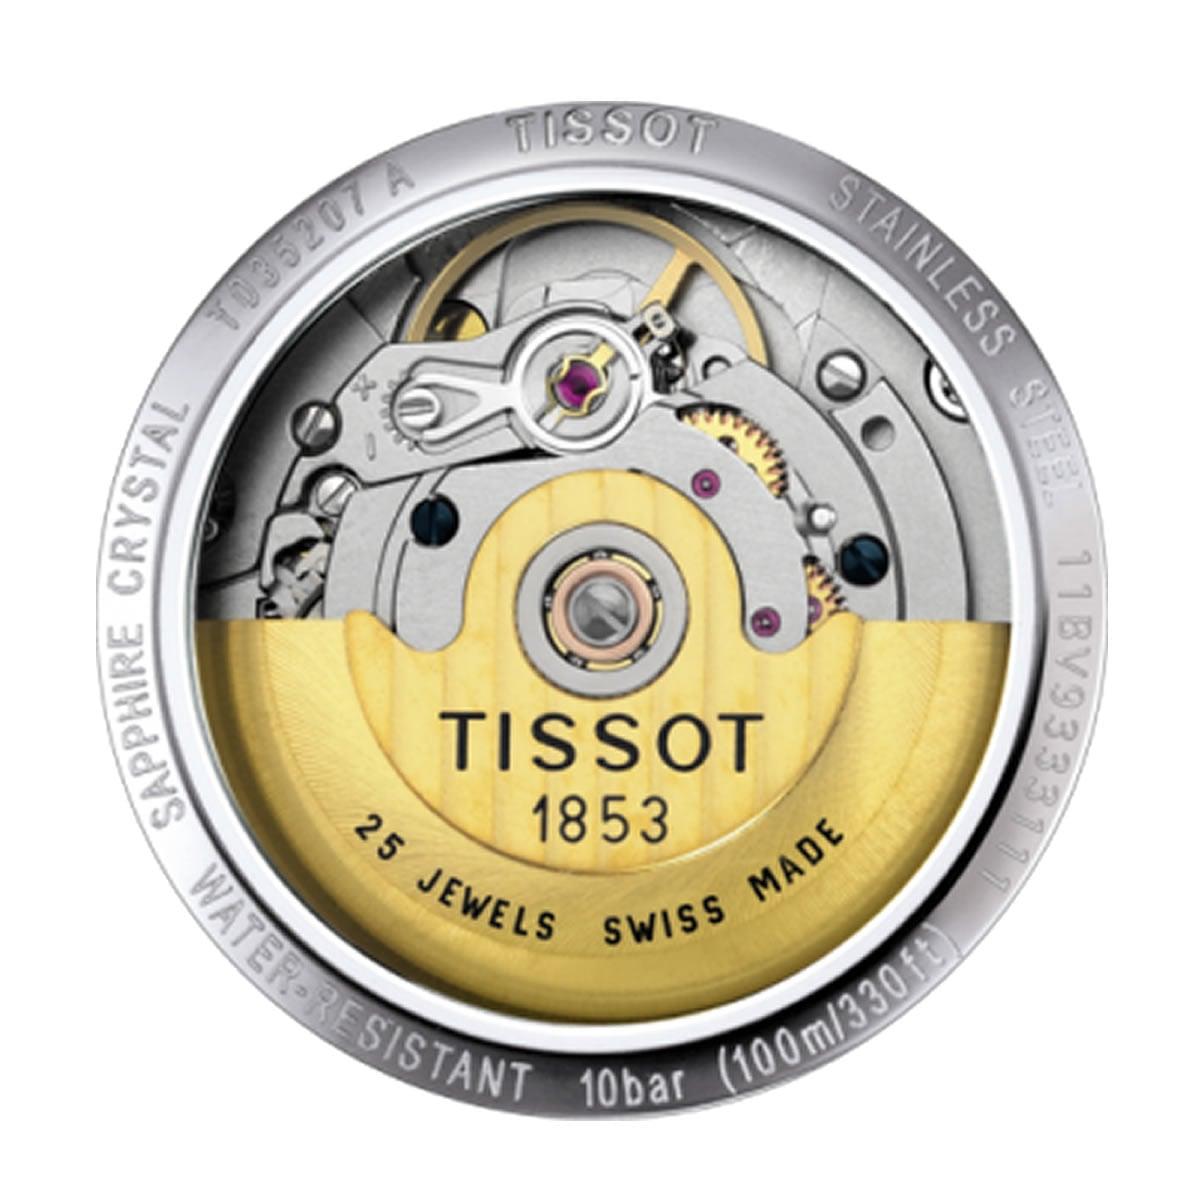 スイス製自動巻きムーブメントETA 2824-2 t0352071101100